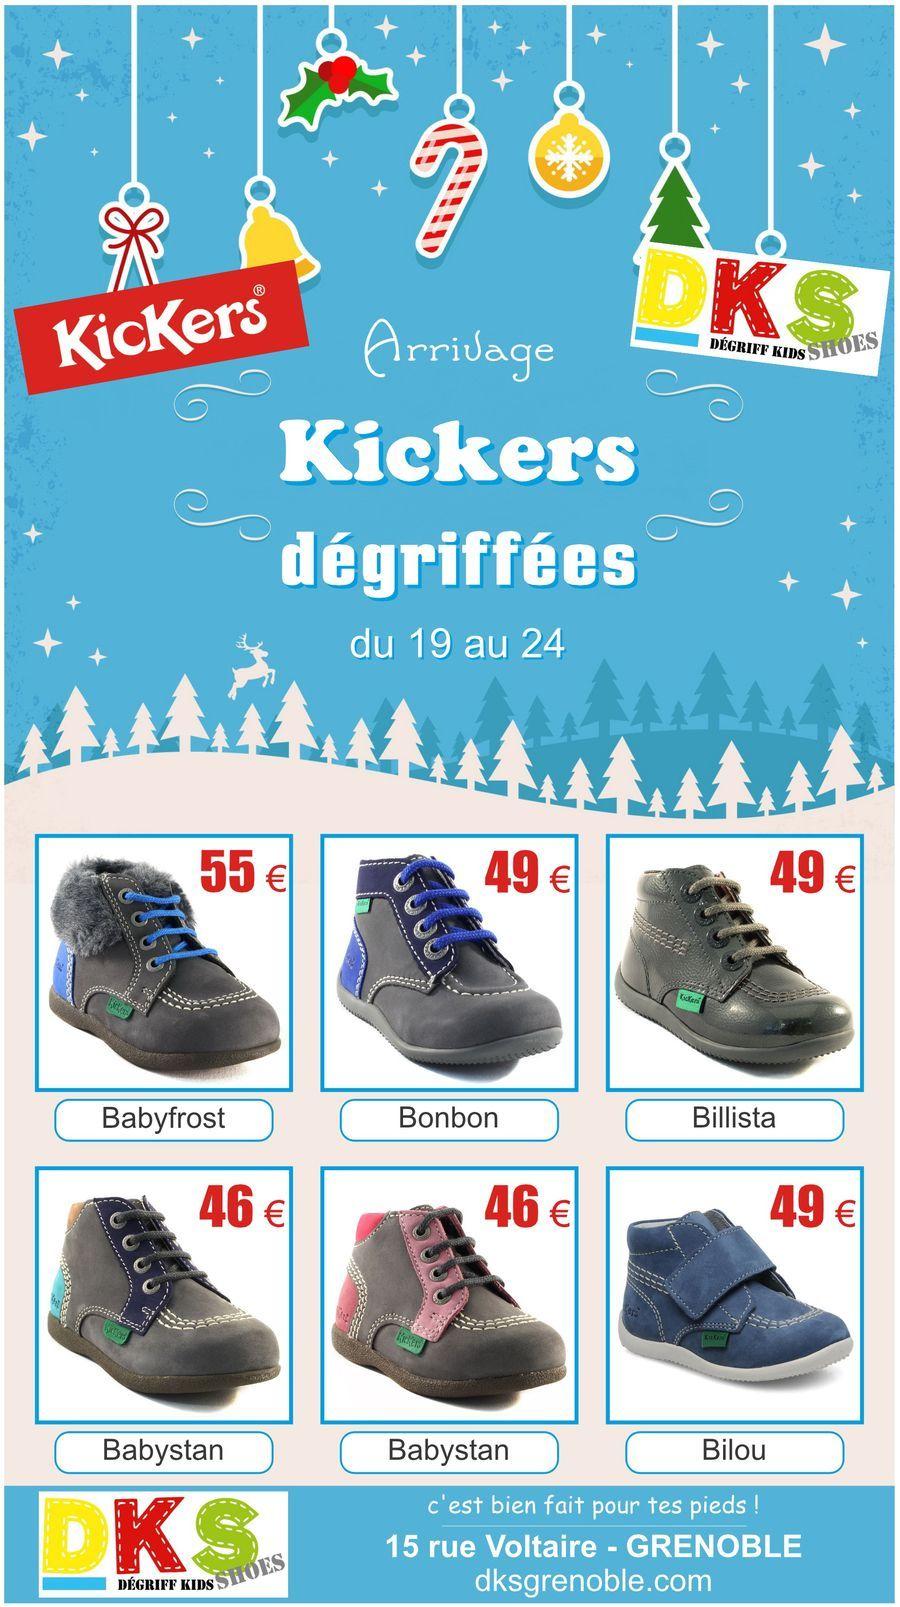 781366c62ef Arrivage de KICKERS hiver dégriffées à -30% bébé fille et garçon - du 19 au  24 DKS Degriff Kids Shoes  chaussures dégriffées pour  enfant à  Grenoble.  ...